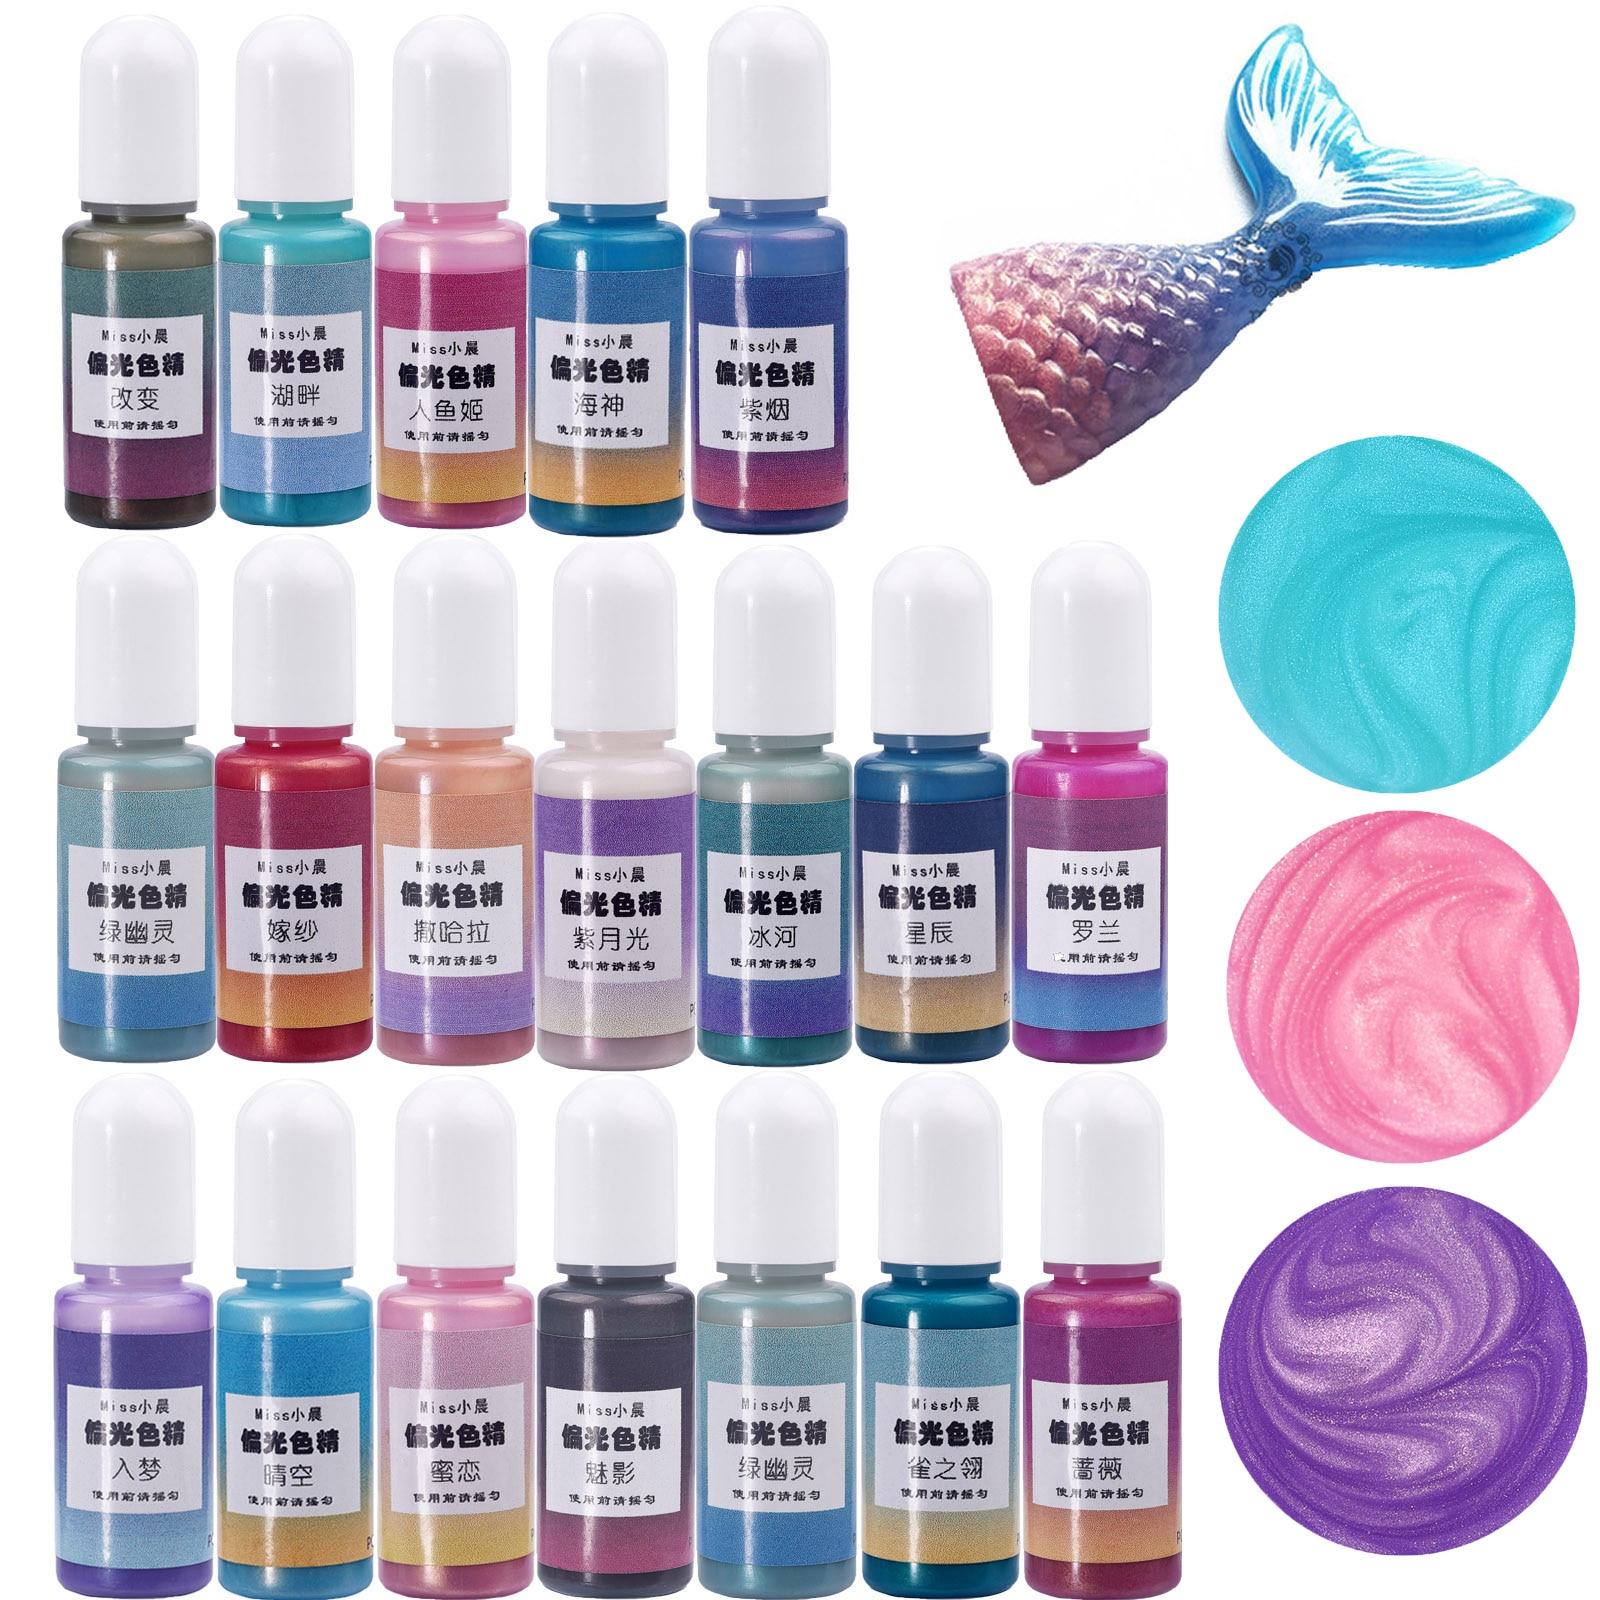 24-Цвет-10g-смолы-пигменты-Русалка-жемчуг-на-основе-красителя-сделай-сам-эпоксидная-смола-форма-УФ-жидкость-Цвет-ant-ювелирные-изделия-делая-и